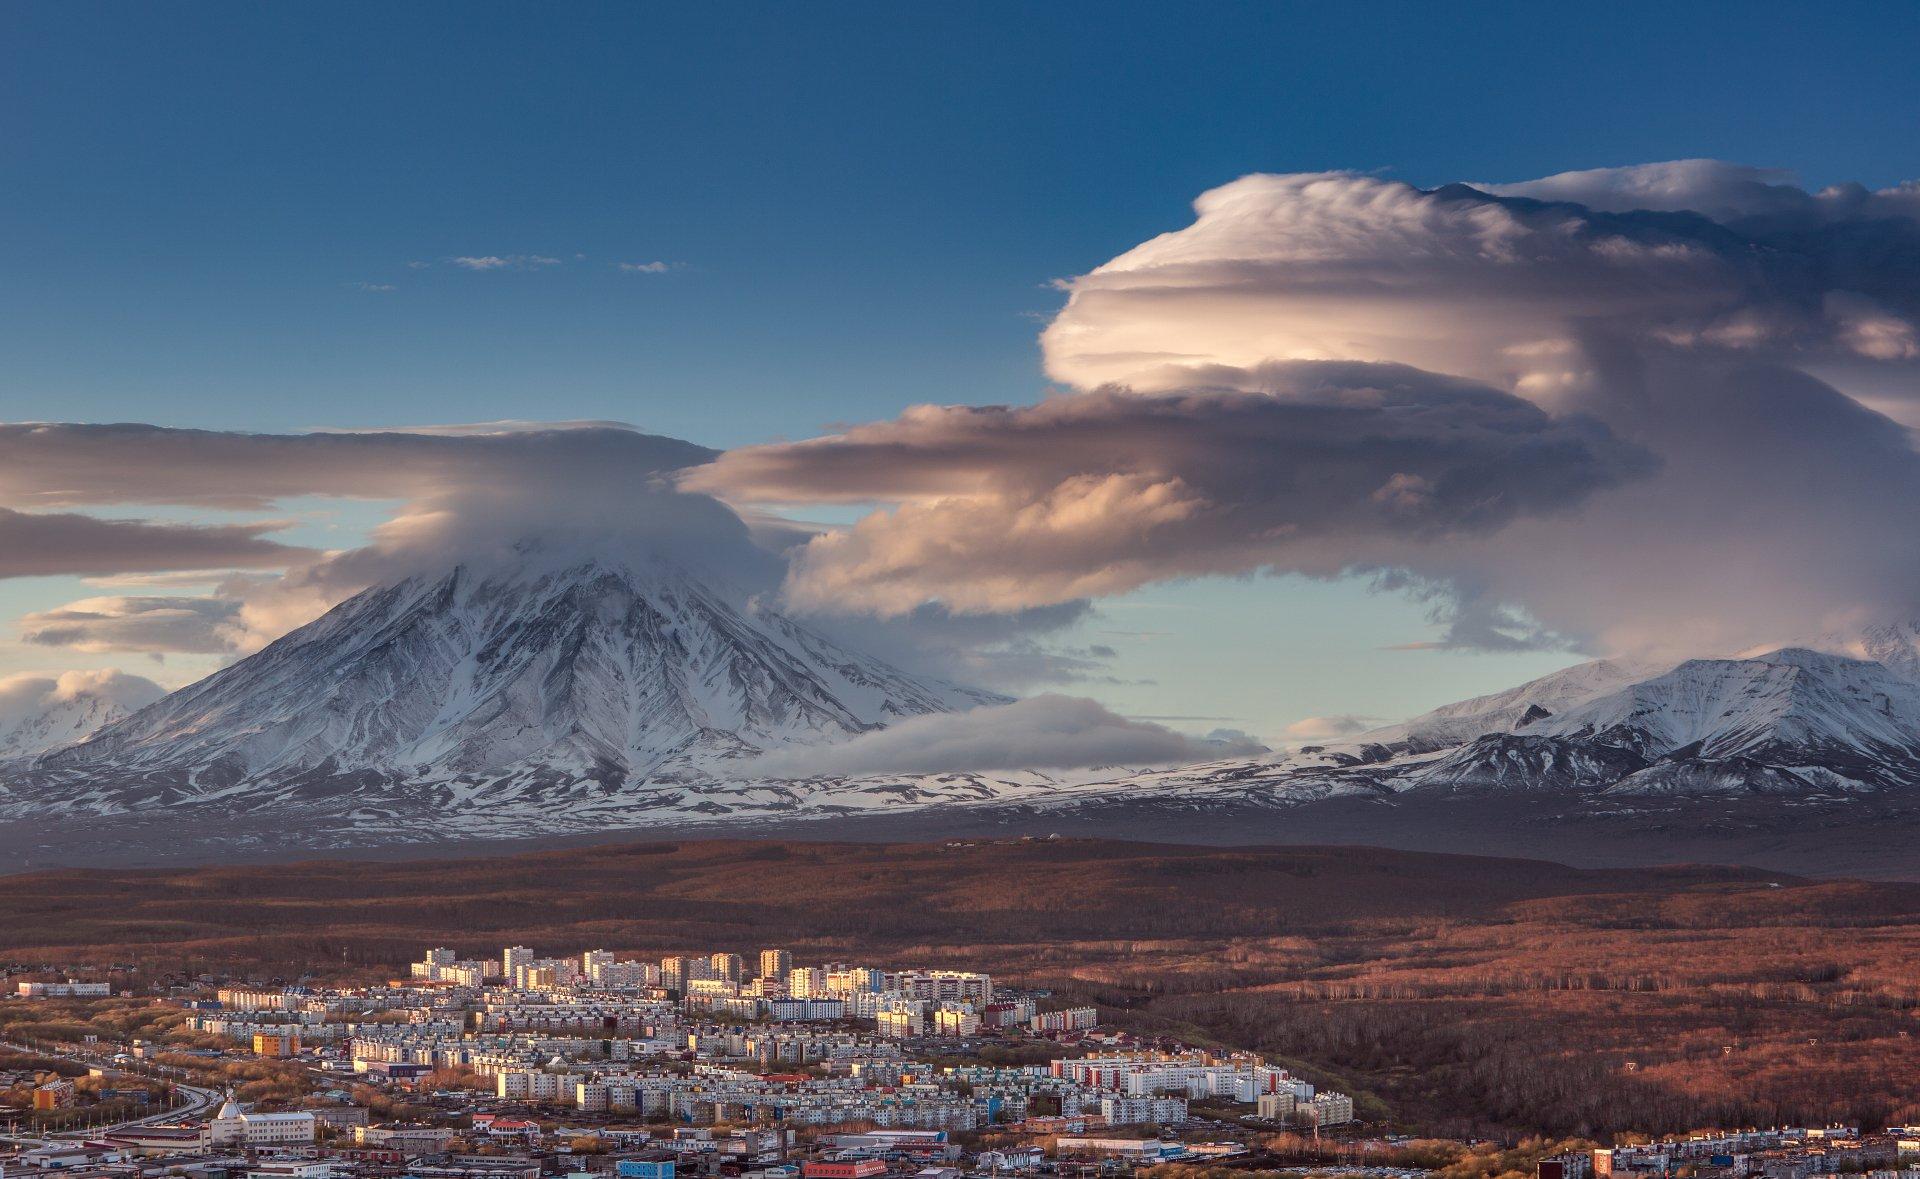 камчатка, корякский, вулкан, закат, Максин Александр